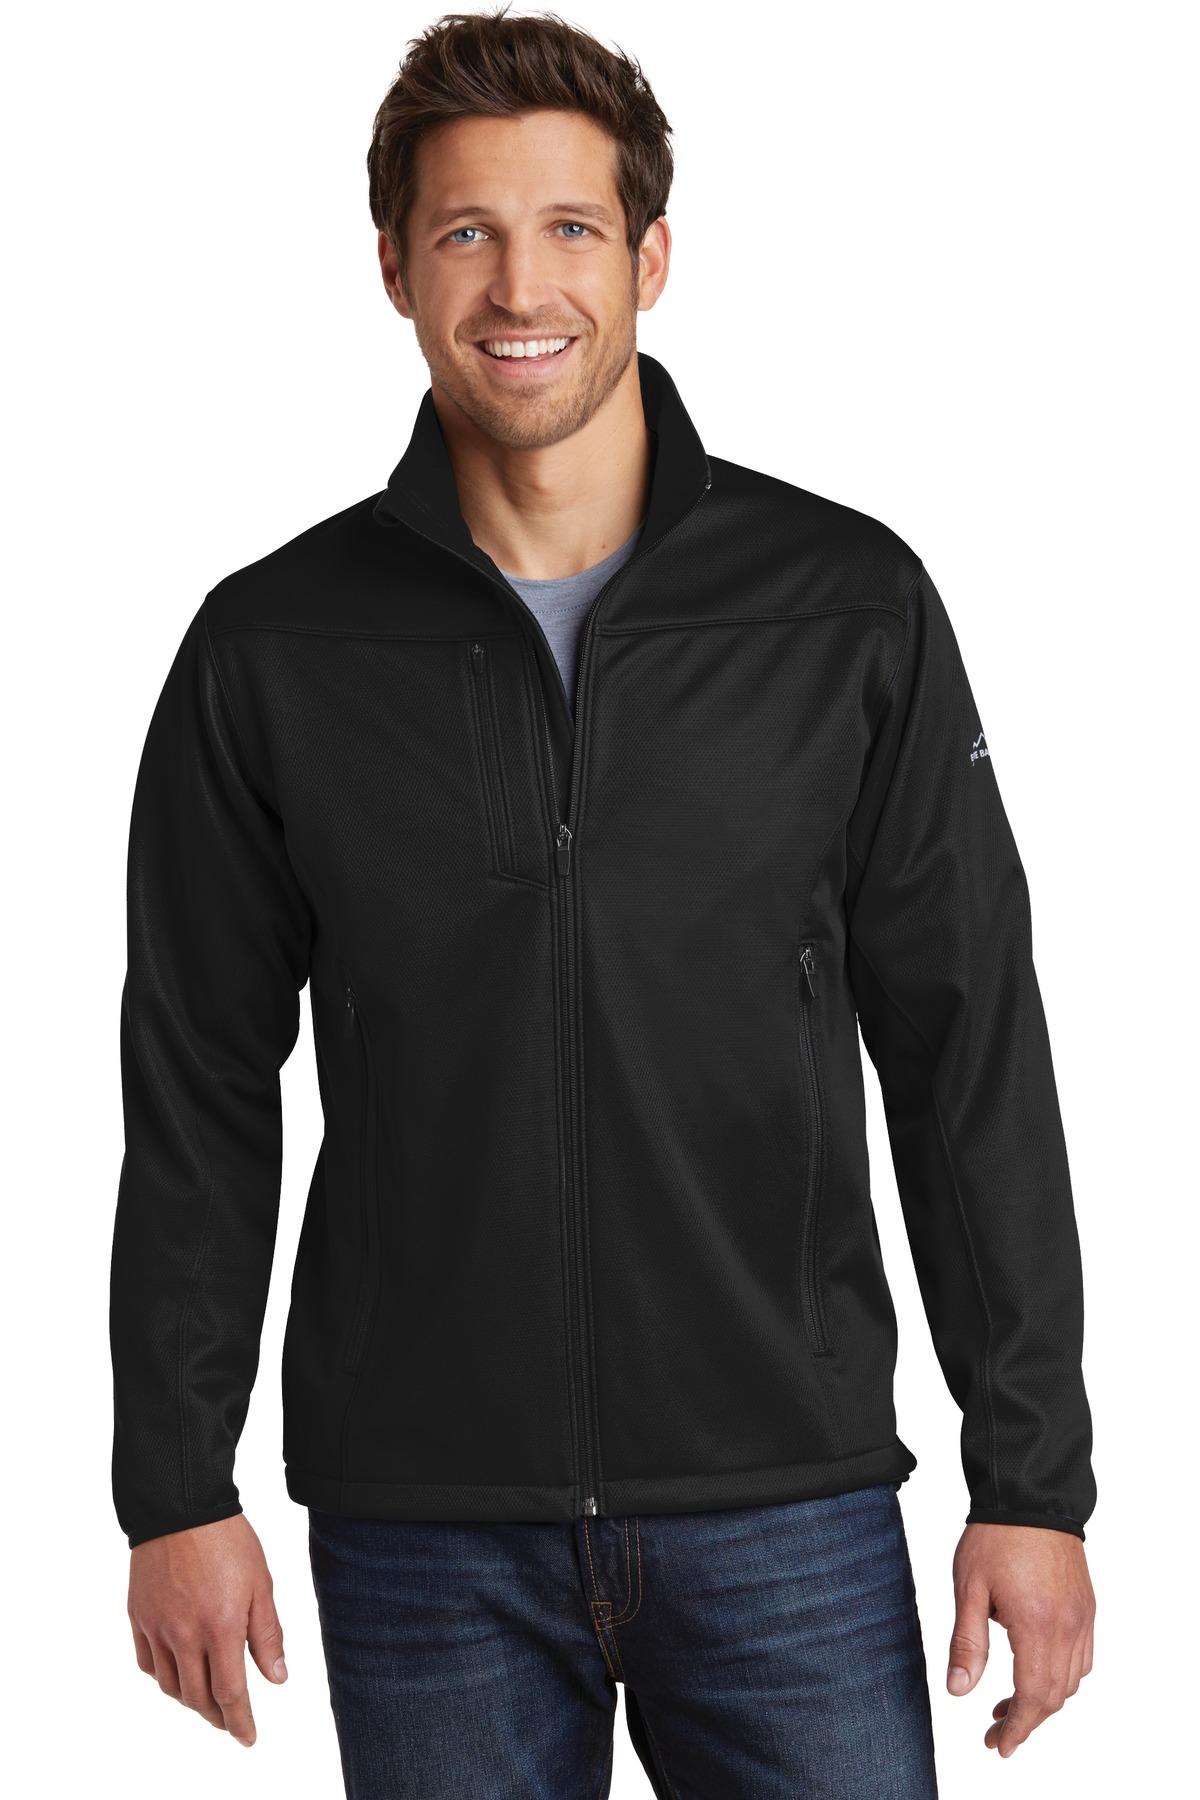 Eddie Bauer  EB538 - Weather-Resist Soft Shell Jacket